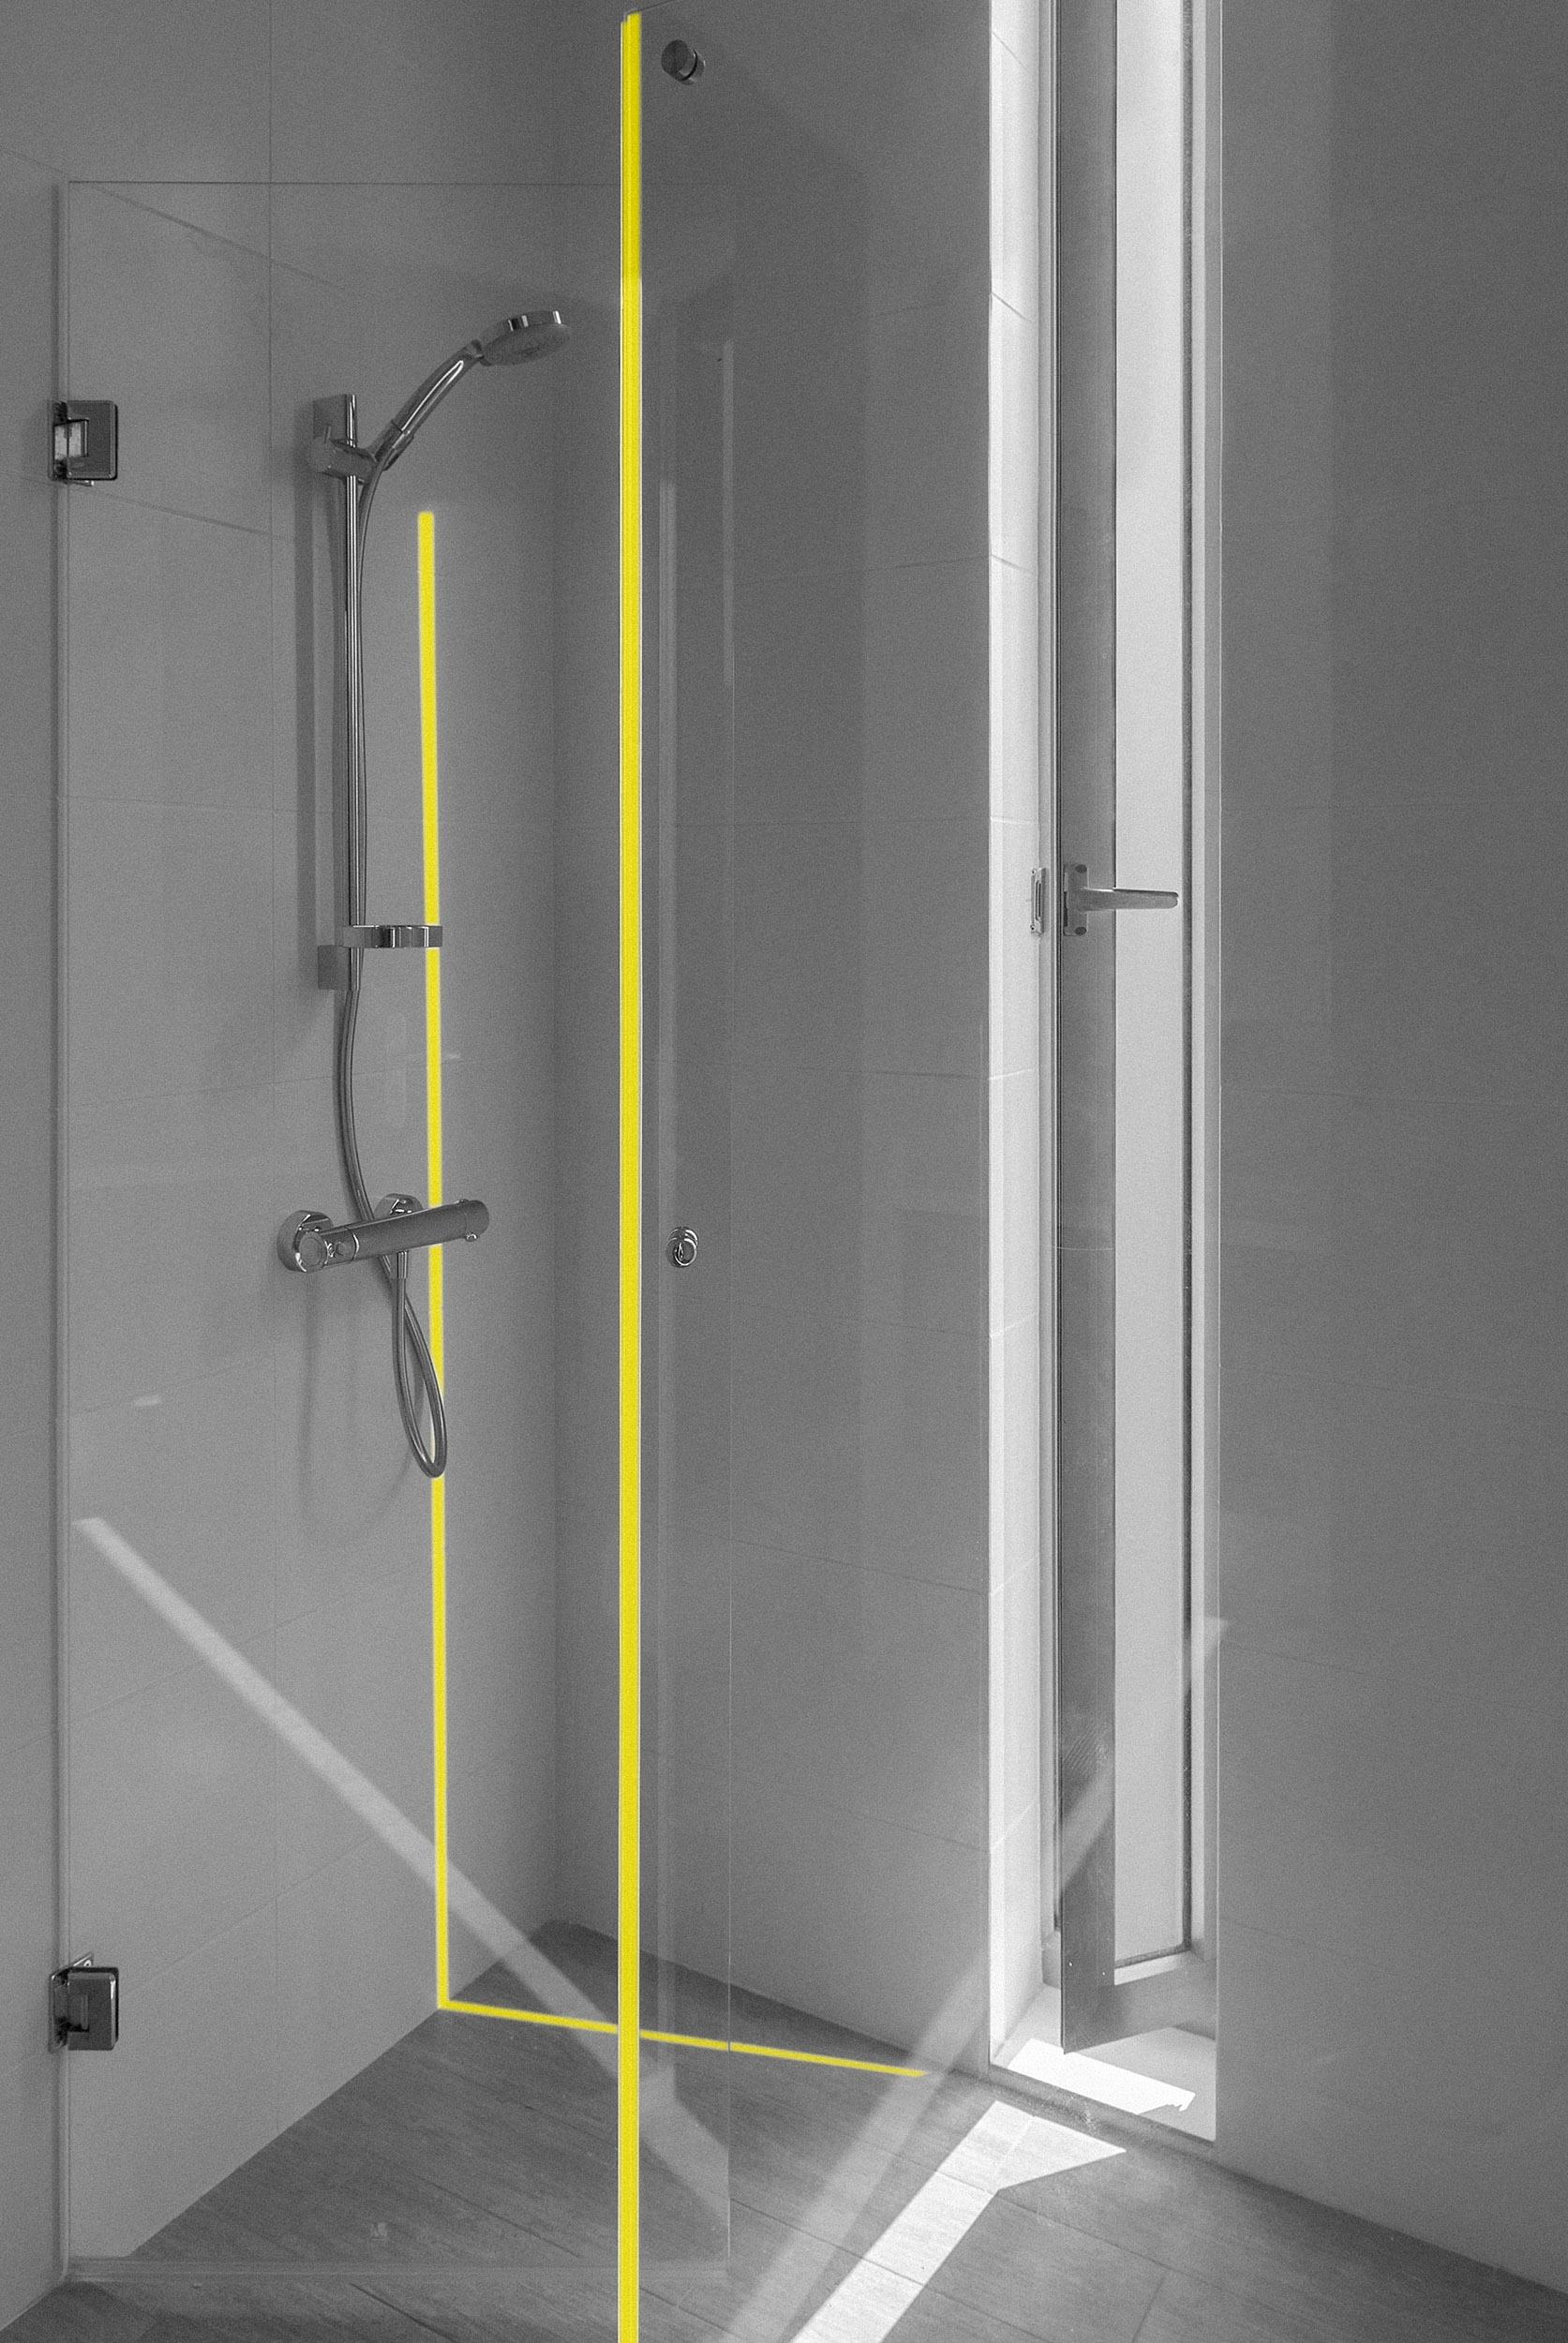 Cortinas de baño - Vidrio de excelente calidad y diseño atractivo para delimitar una ducha original y elegante, gracias a los diferentes diseños que ofrecemos.